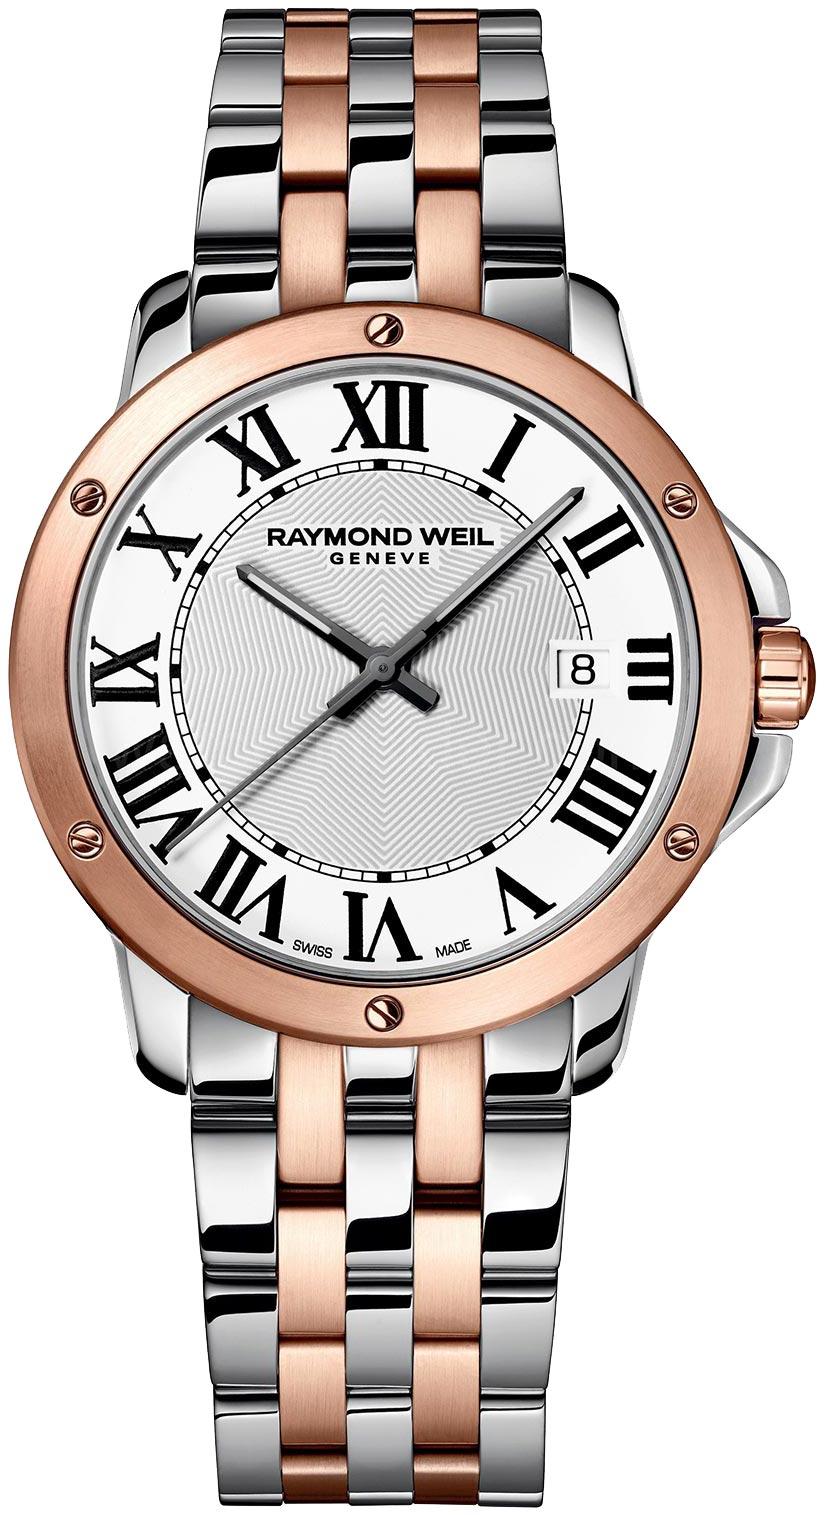 Купить Наручные часы 5591-SP5-00300  Мужские наручные швейцарские часы в коллекции Tango Raymond Weil